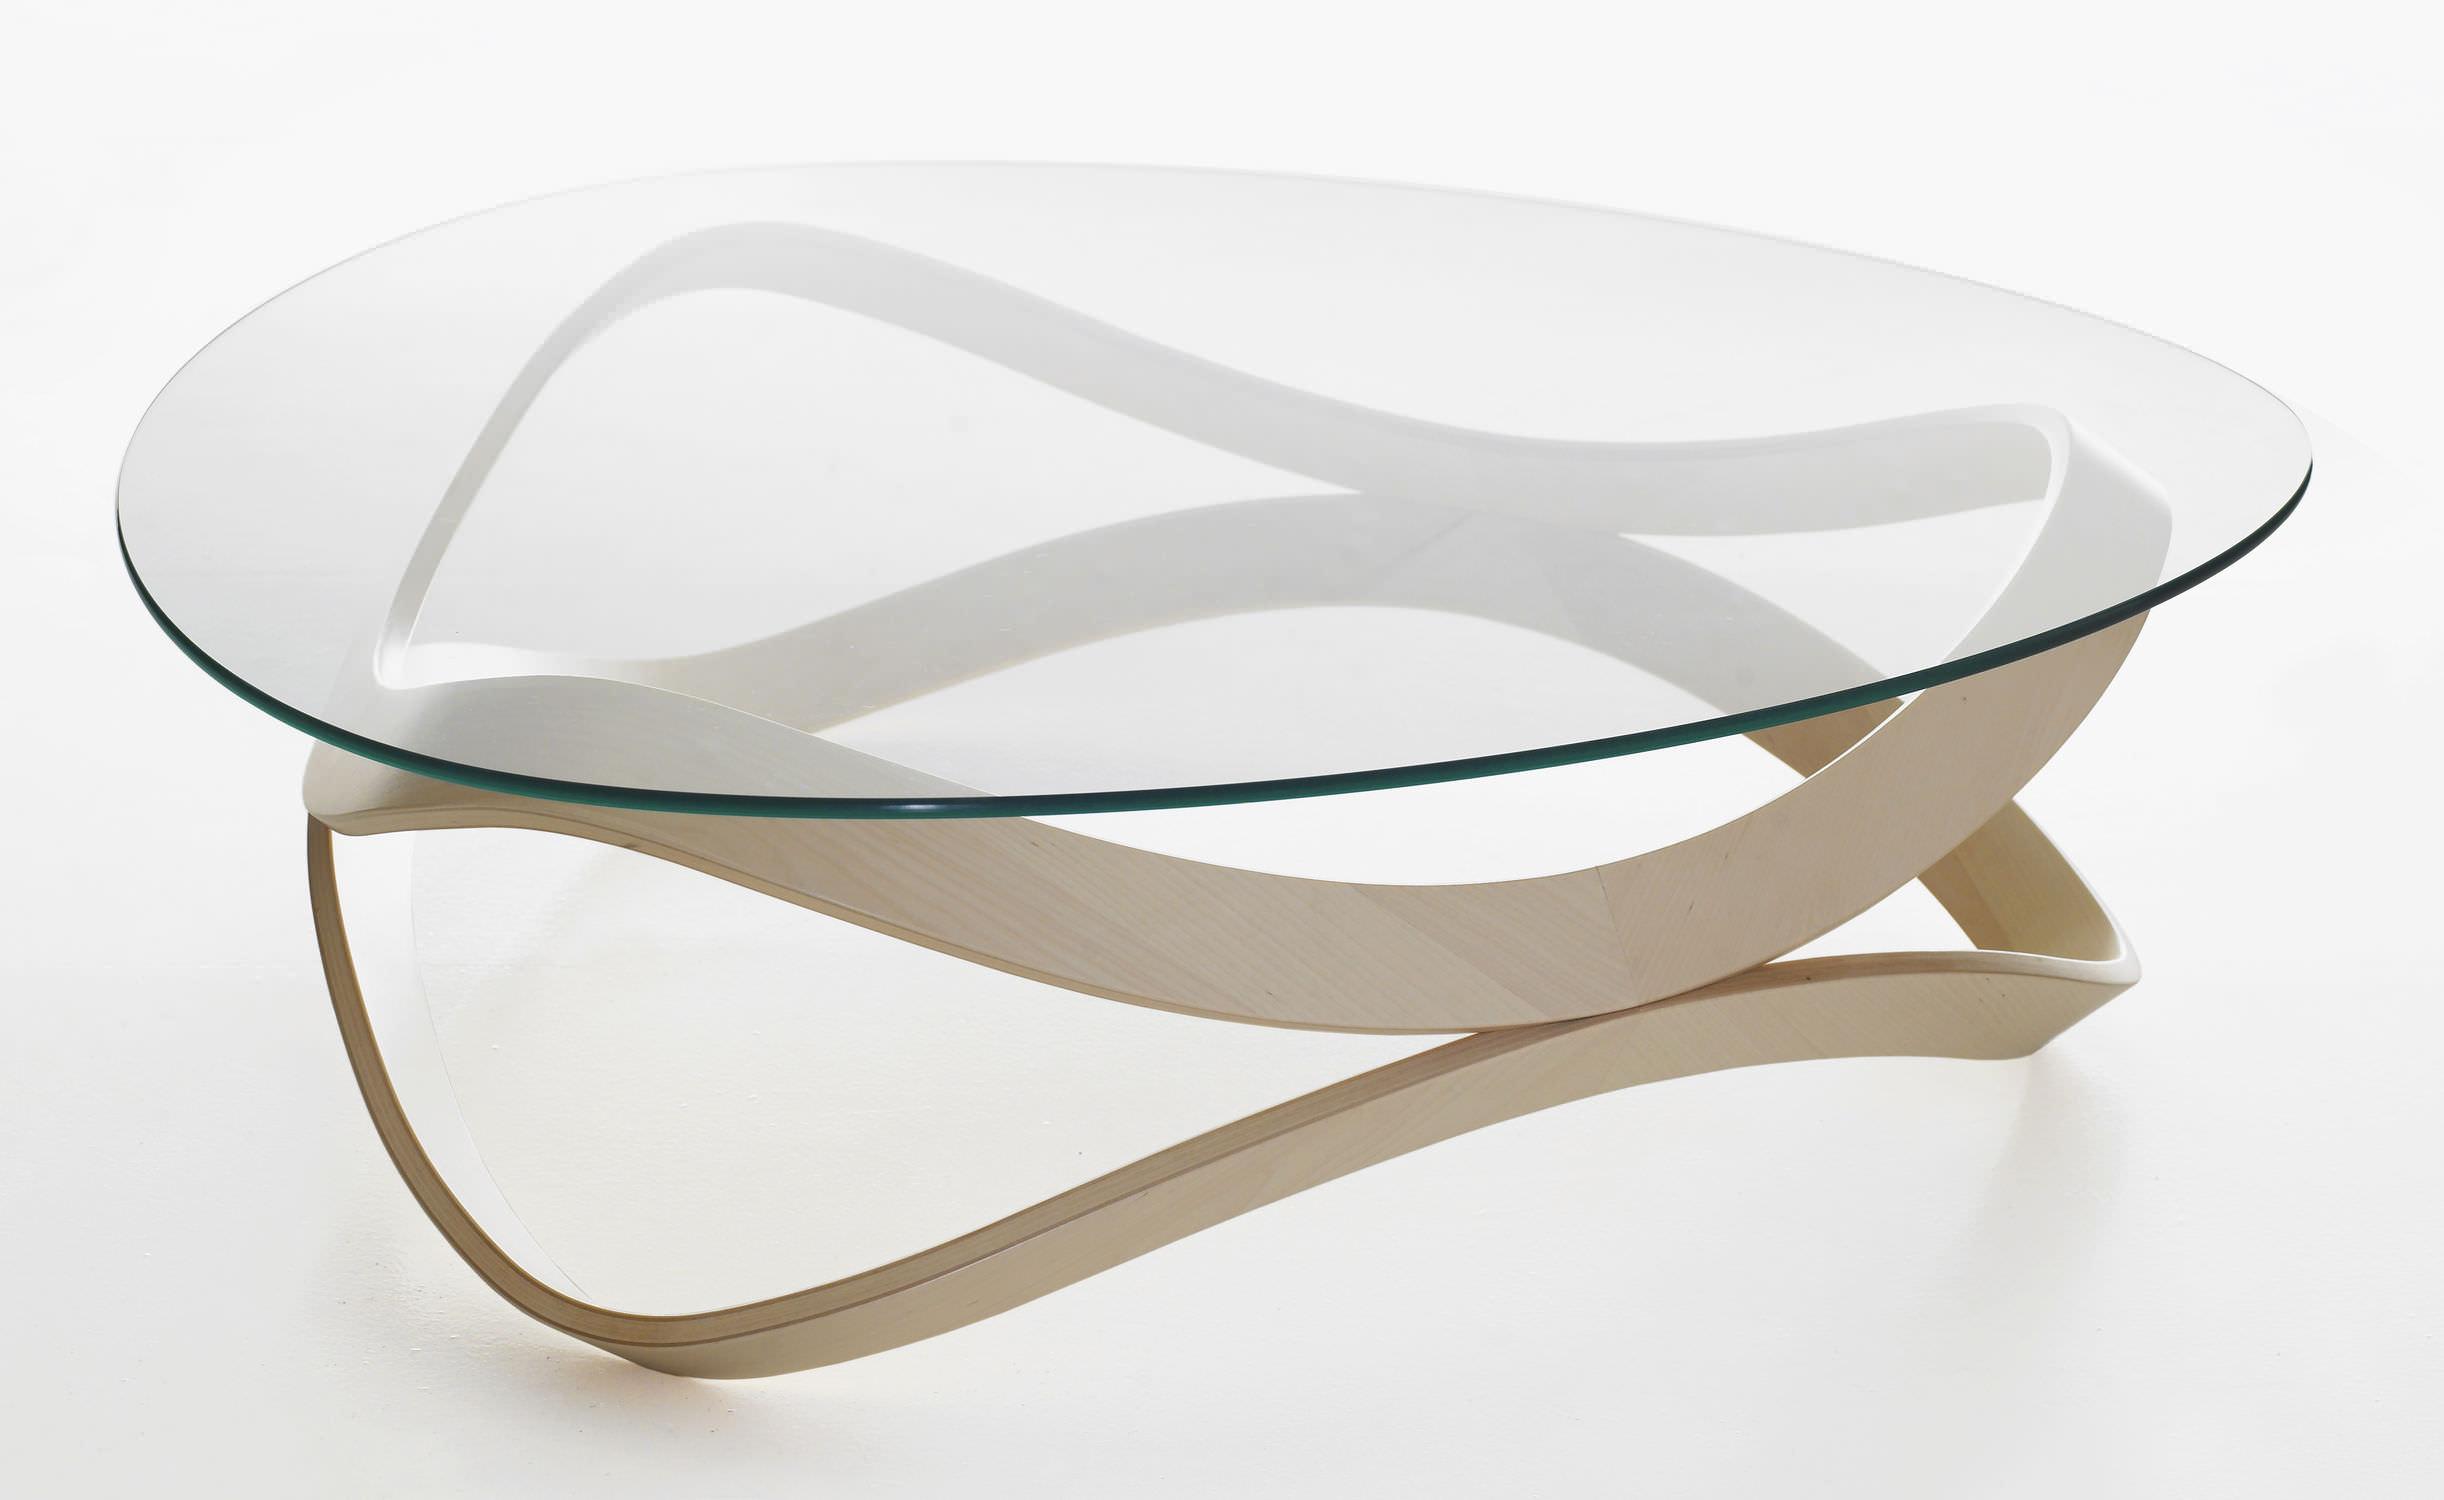 couchtisch / modern / glas / aus eiche - newton by d.sunaga & s ... - Wohnzimmertisch Modern